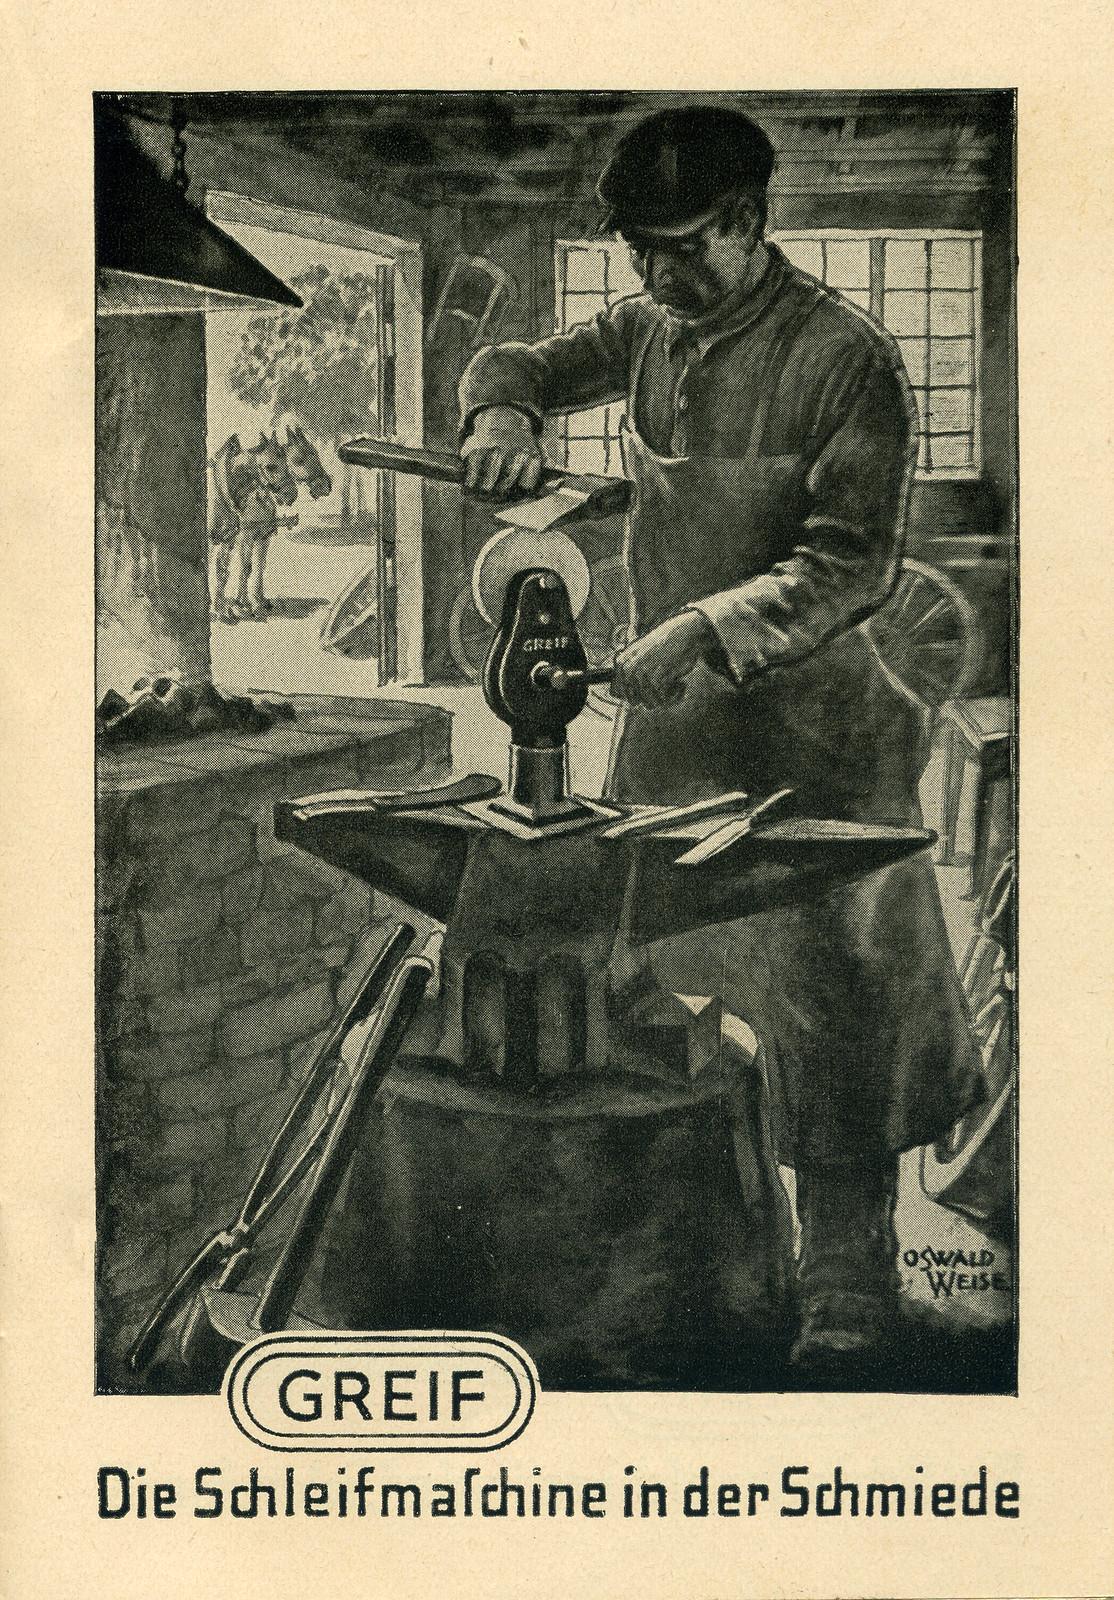 Werbeheftchen für Greif Schleifmaschinen, Bild 3